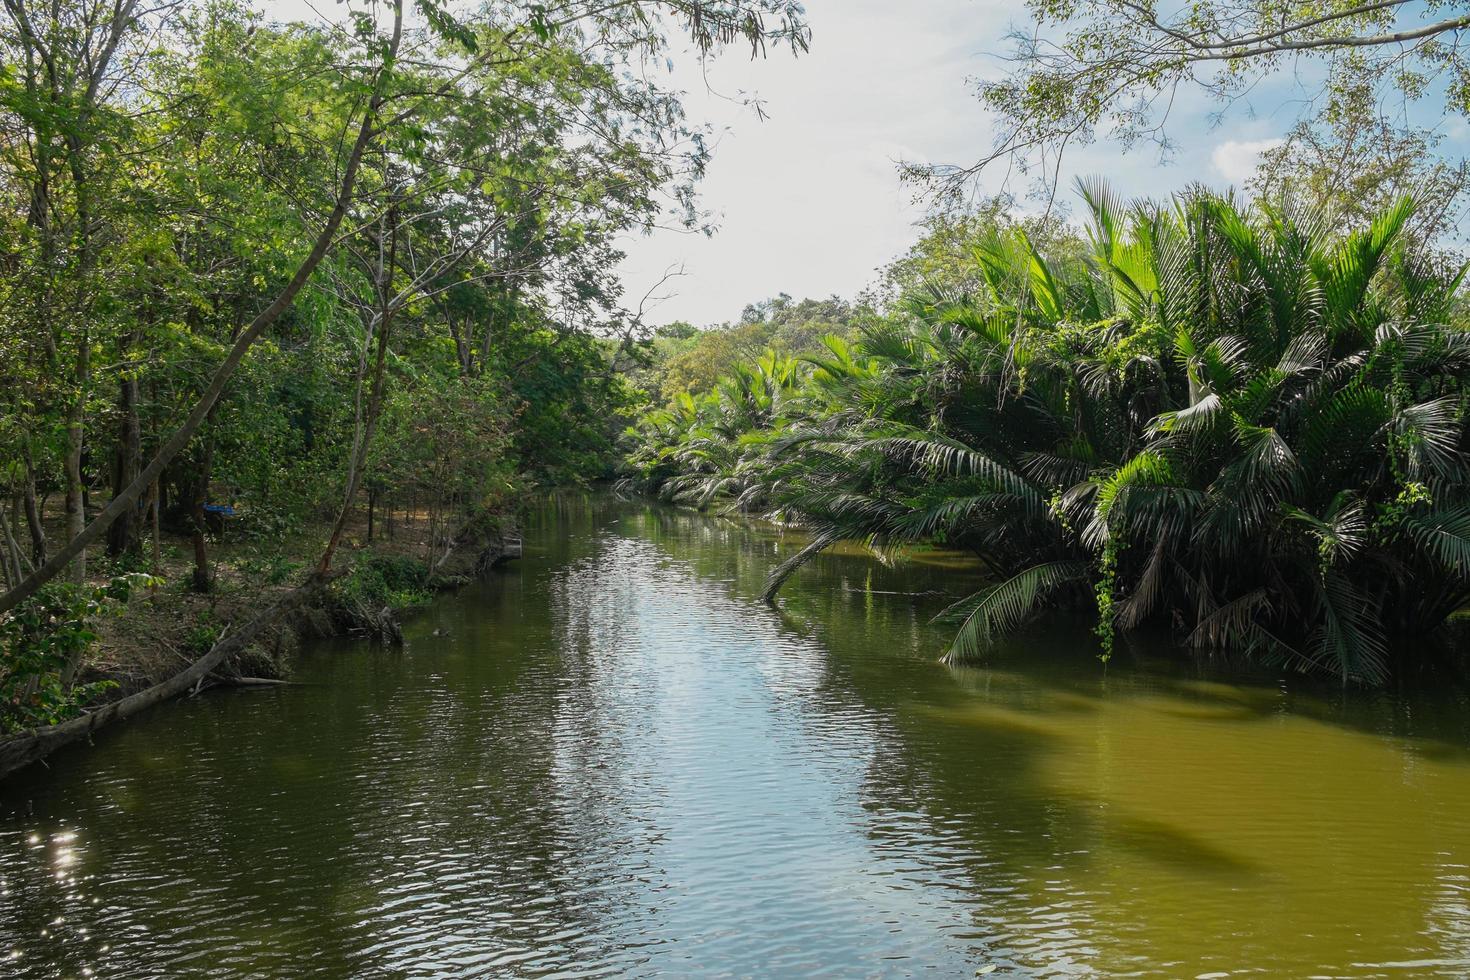 riacho que flui através do nipa palmeiral foto